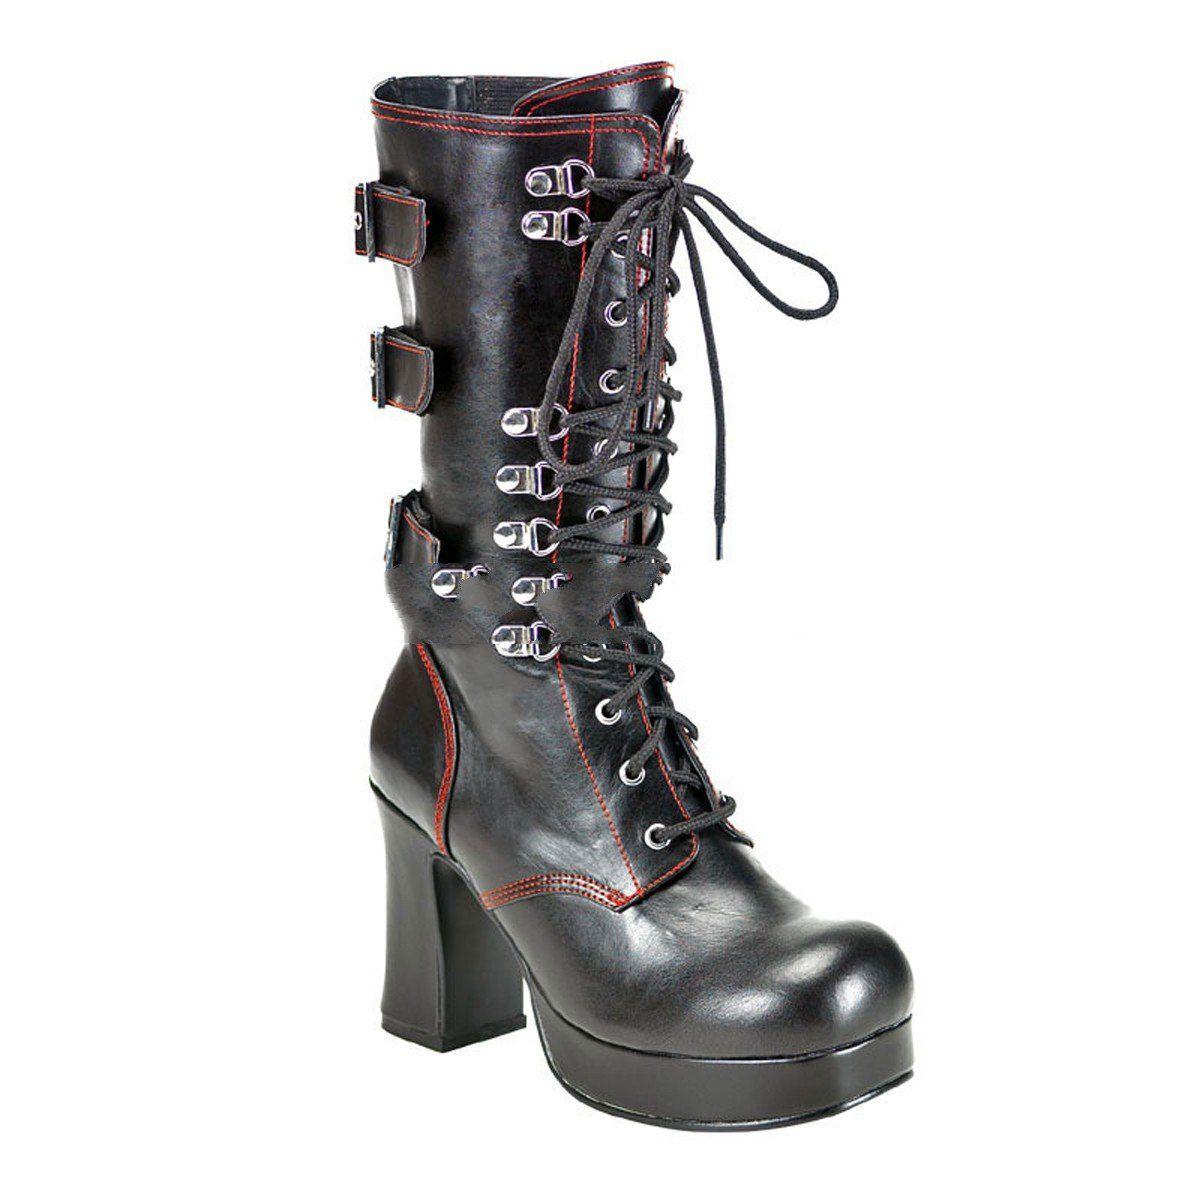 Demonia Gothika-209 - Gothic Plateau Stiefel Schuhe 36-43, Größe:EU-40/41 / US-10 / UK-7